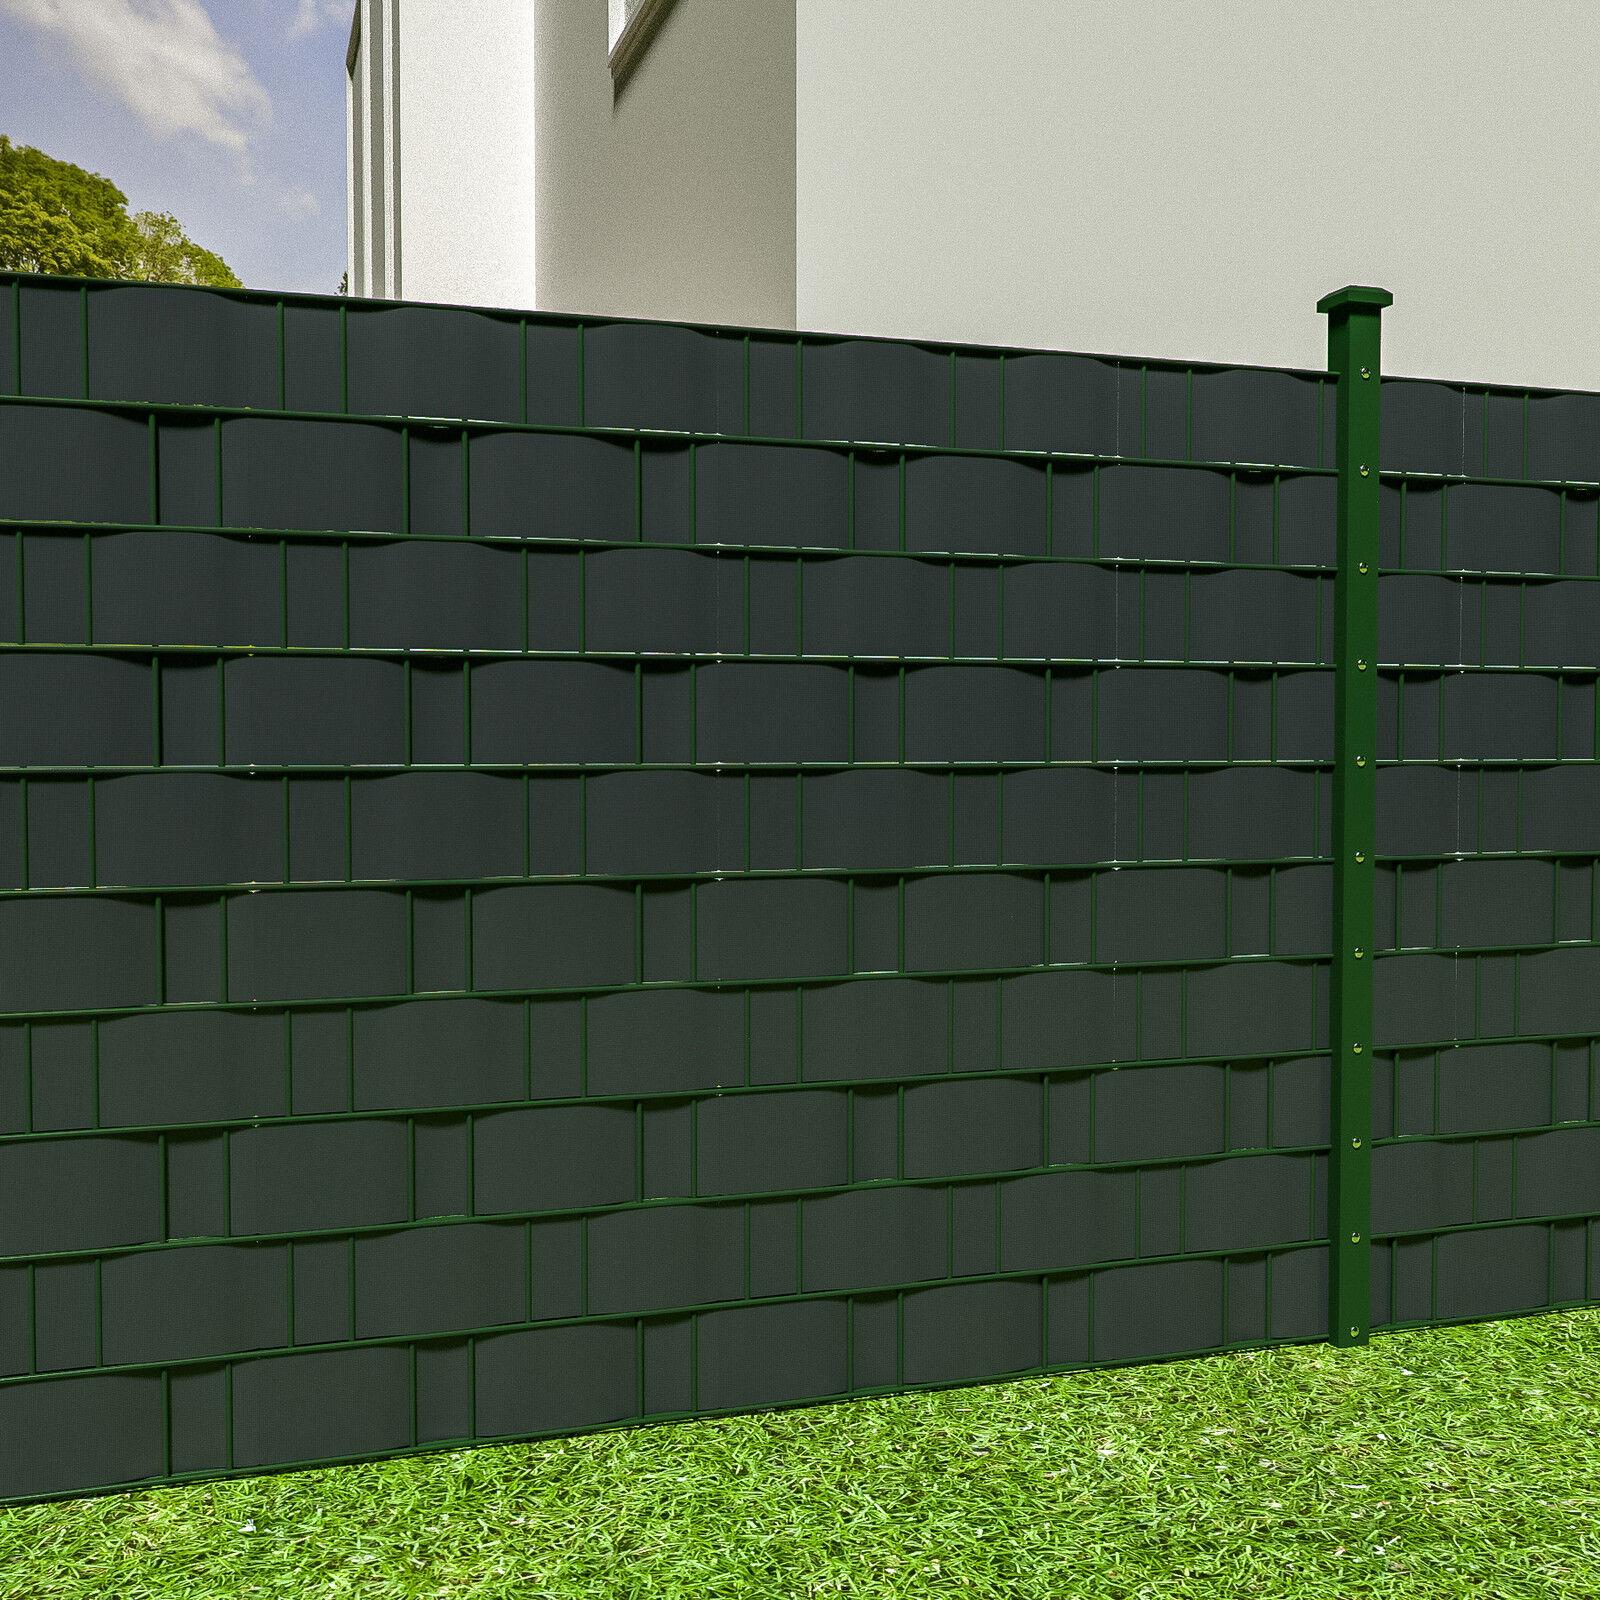 pvc sichtschutz streifen sichtschutzfolie doppelstabmatten zaun 70m anthrazit eur 36 99. Black Bedroom Furniture Sets. Home Design Ideas